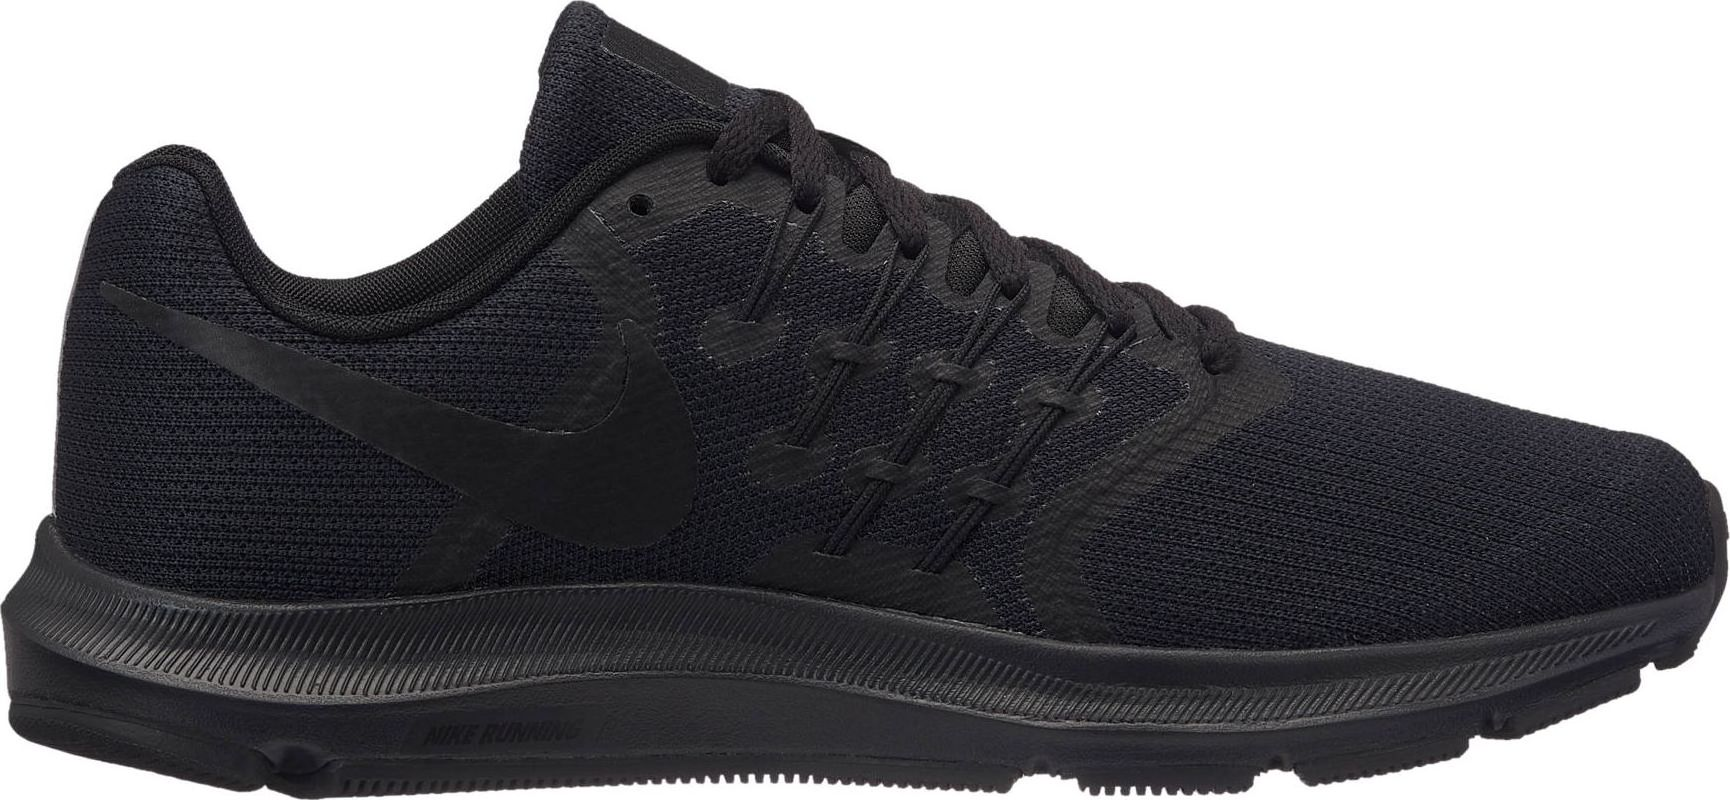 Кроссовки для бега женские Nike Run Swift Running Shoe, цвет: черный. 909006-019. Размер 7,5 (37,5)909006-019Женские беговые кроссовки Nike, выполненные из текстиля и пластика, дополнены фирменной нашивкой на язычке. Интегрированные нити Flywire надежно фиксируют среднюю часть стопы, а пеноматериал создает амортизацию.Конструкция из сетки обеспечивает зональную вентиляцию и поддержку. Шнурки с интегрированными нитями для регулируемой поддержки. Подошва с вафельным рисунком повышает амортизацию и упругость. Широкая передняя часть стопы не стесняет движений пальцев. Пеноматериал Cushlon обеспечивает мягкую, но упругую амортизацию и поддержку. Сетка с открытыми отверстиями в передней части стопы для легкости и воздухопроницаемости. Сетка с плотным плетением на боковой части создает надежную поддержку, не жертвуя воздухопроницаемостью. Подошва с рифлением обеспечивает отличное сцепление на любой поверхности. Мягкие и удобные кроссовки превосходно подчеркнут ваш спортивный образ и подарят комфорт.